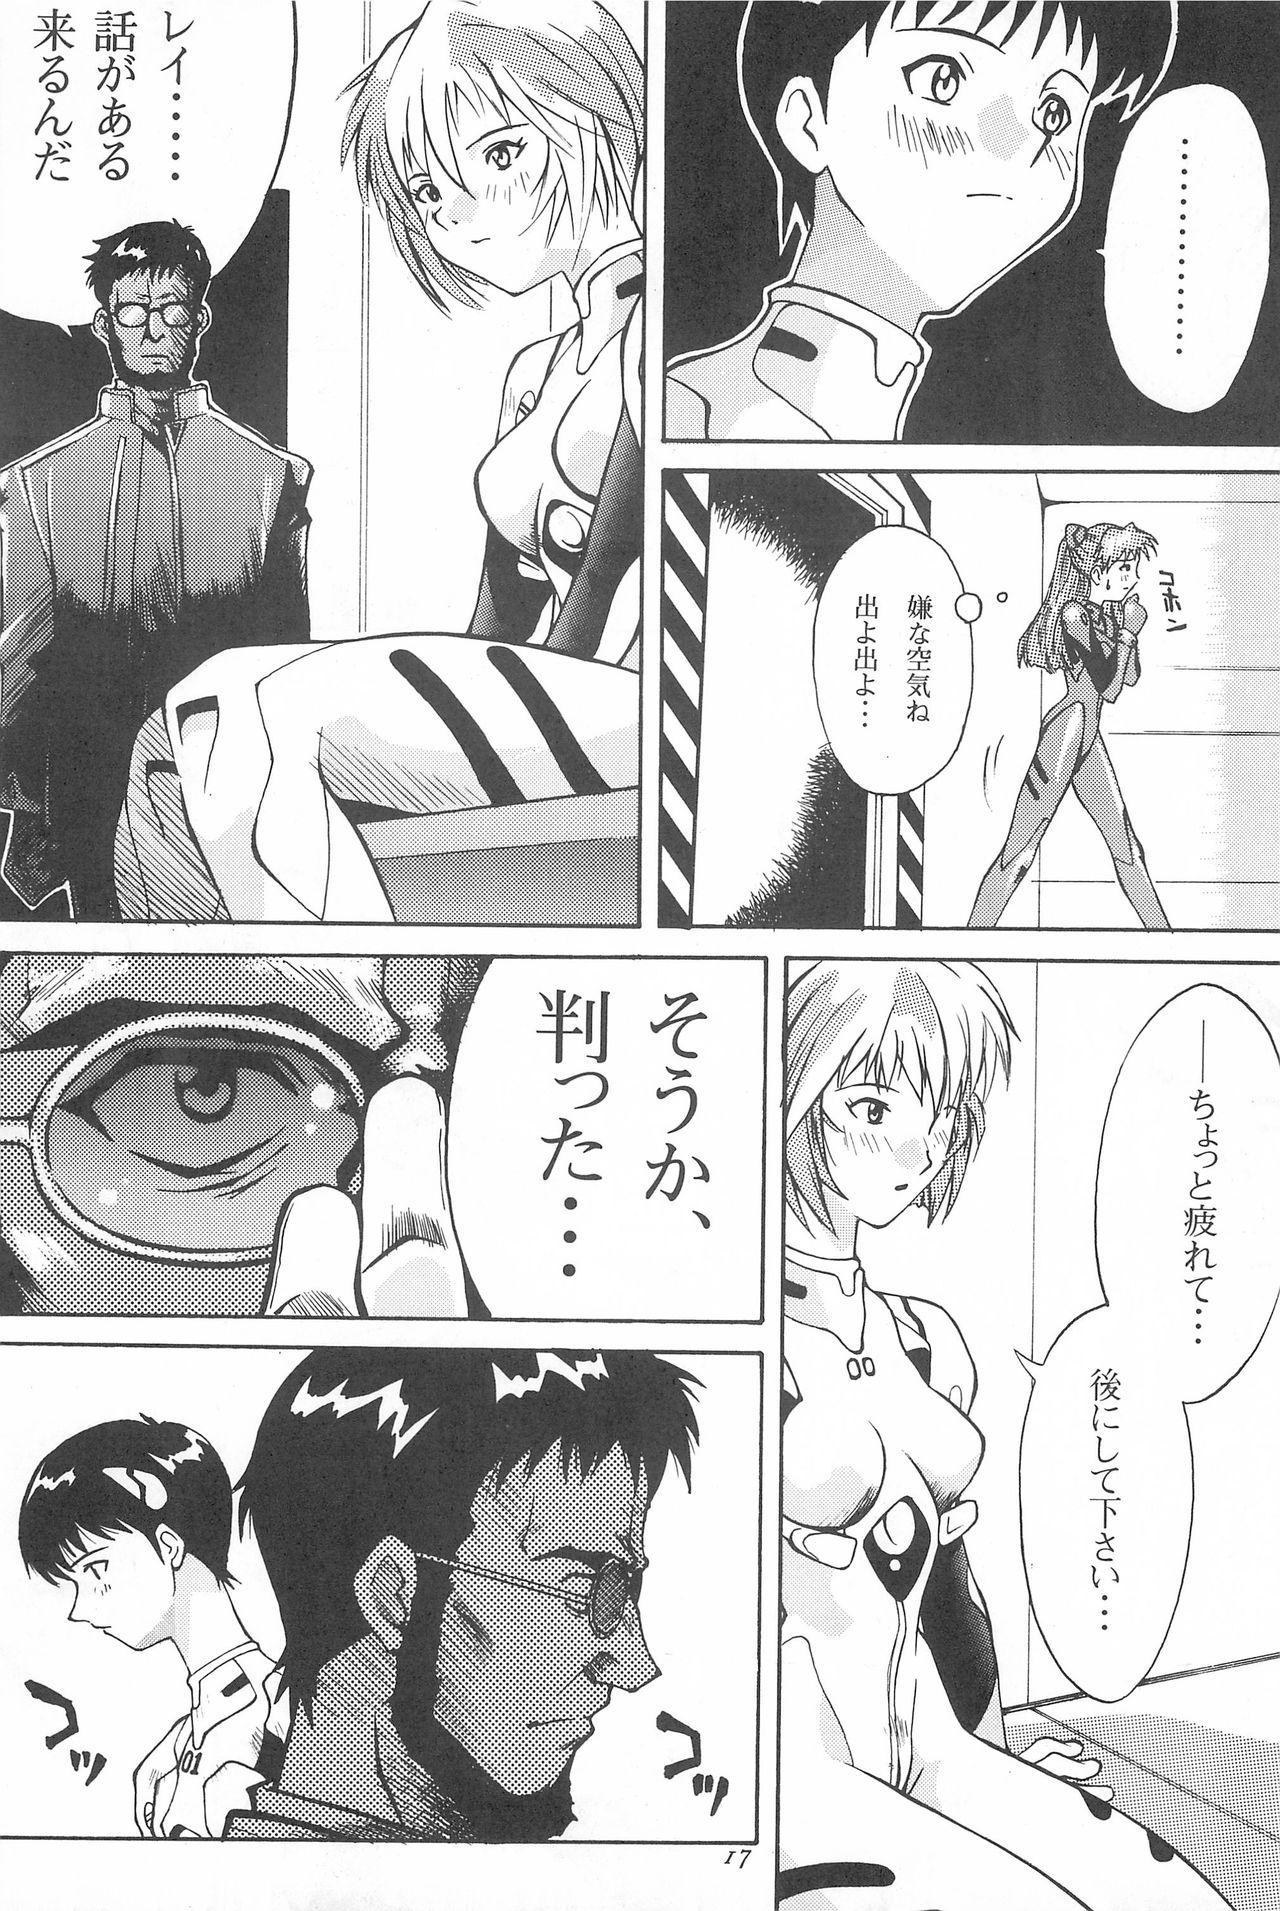 Youseiki Evanlolibon 16